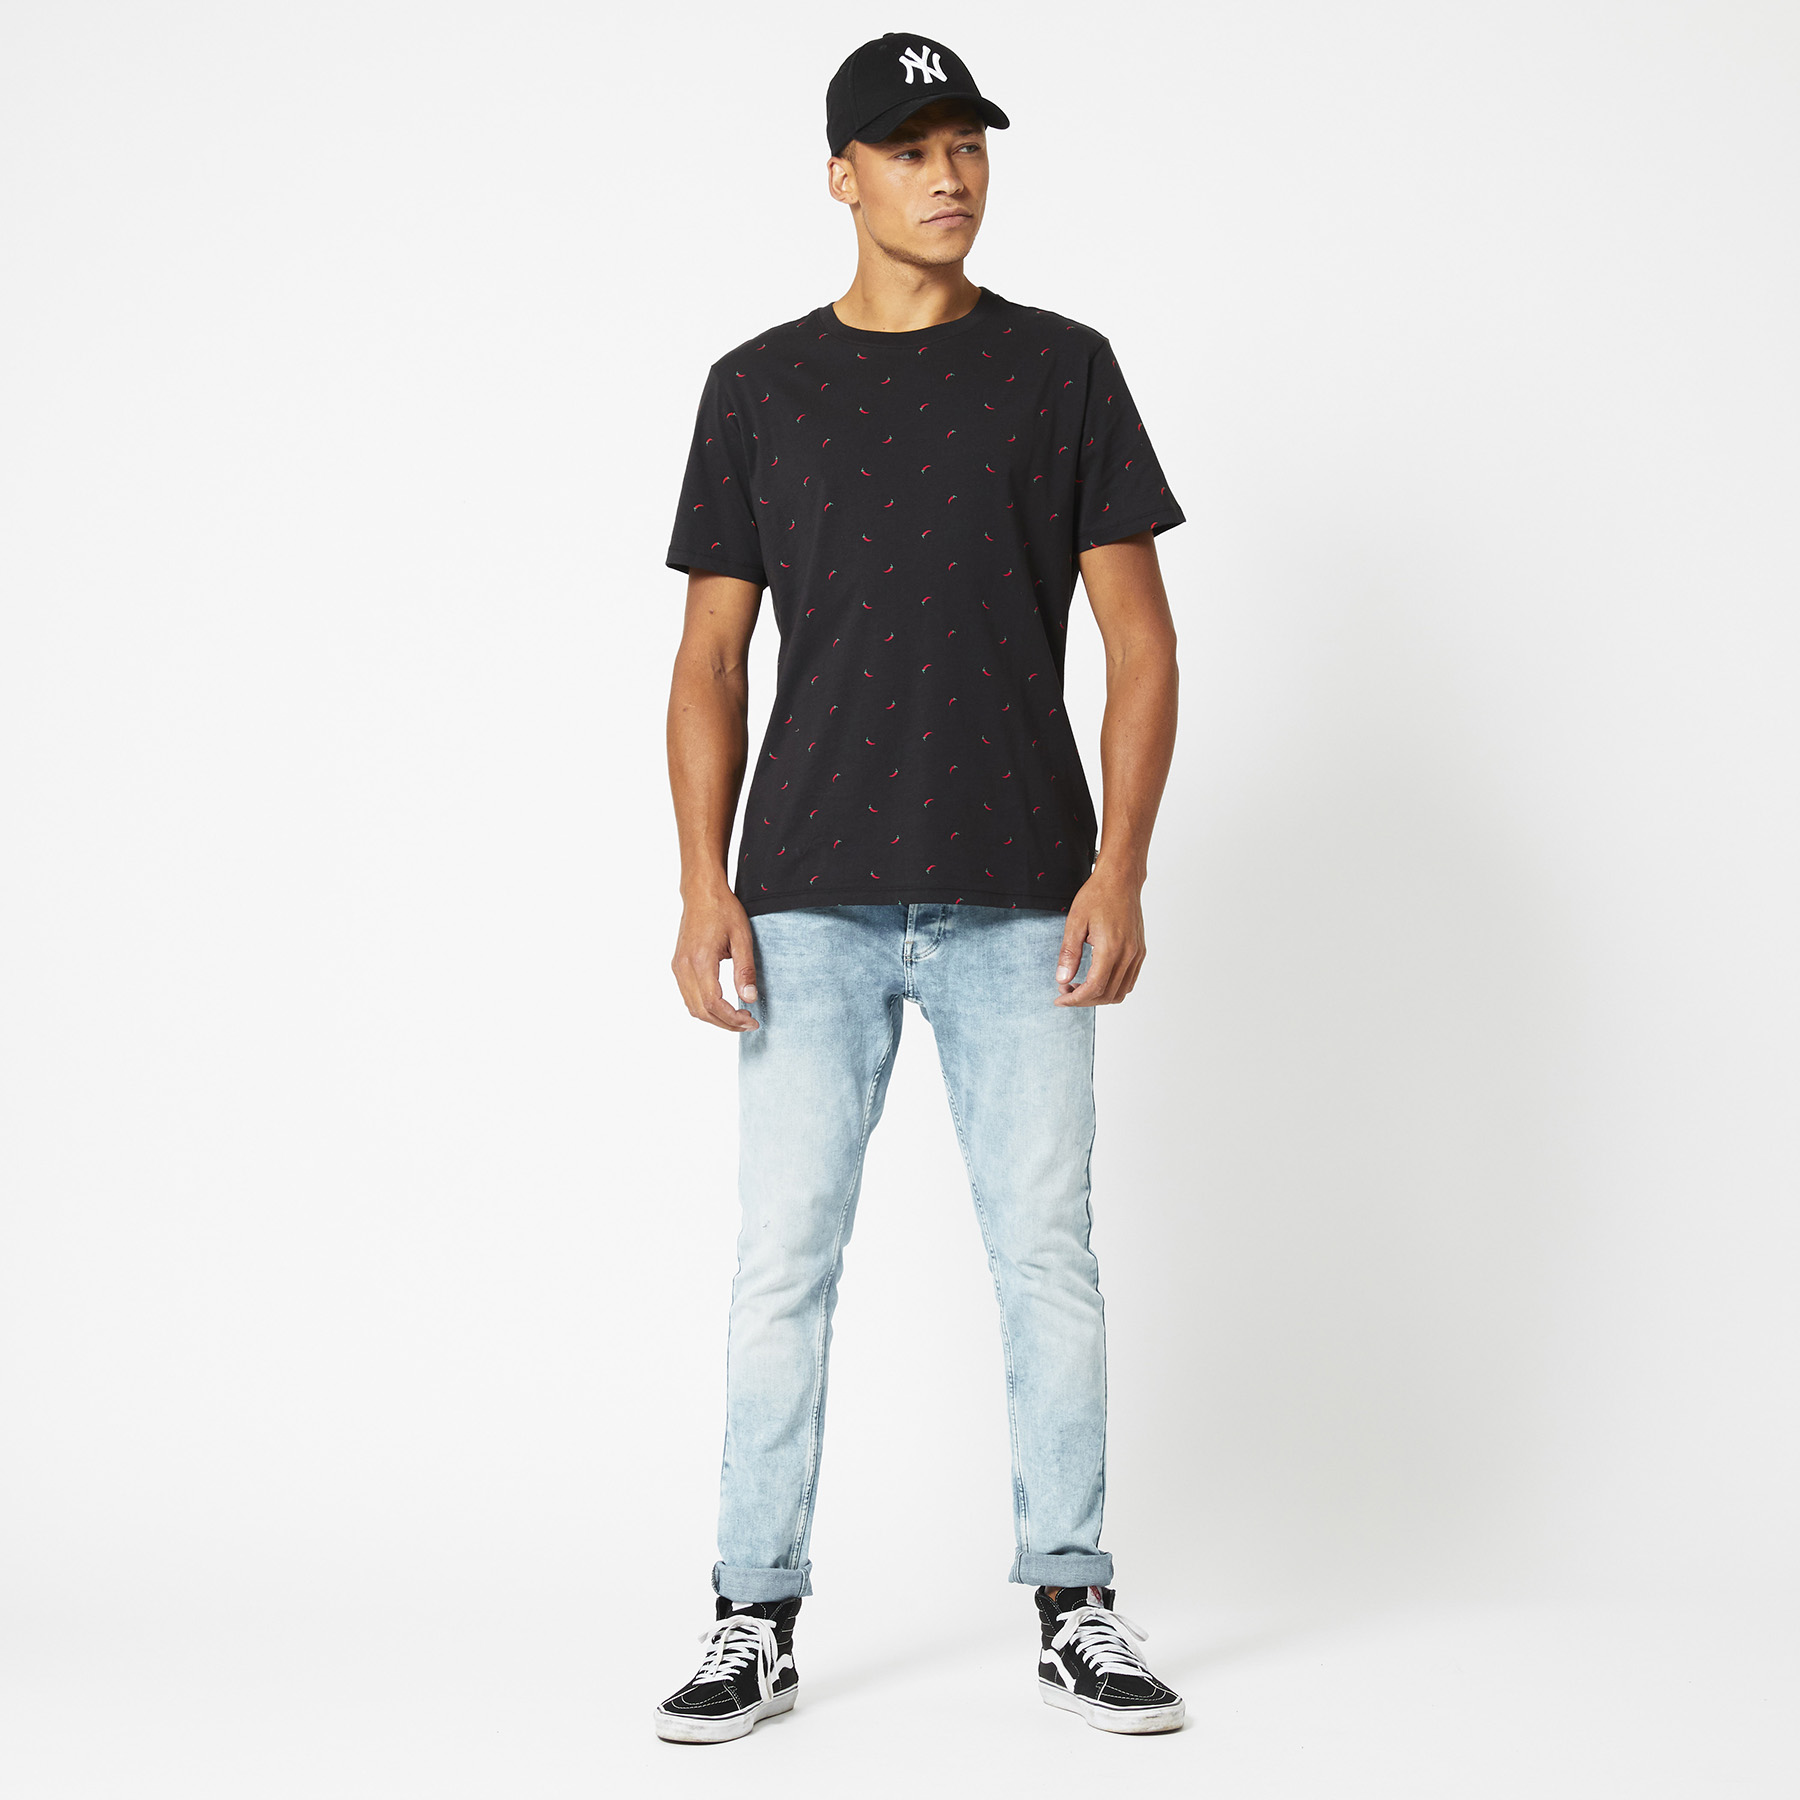 T-shirt Erwin pepper